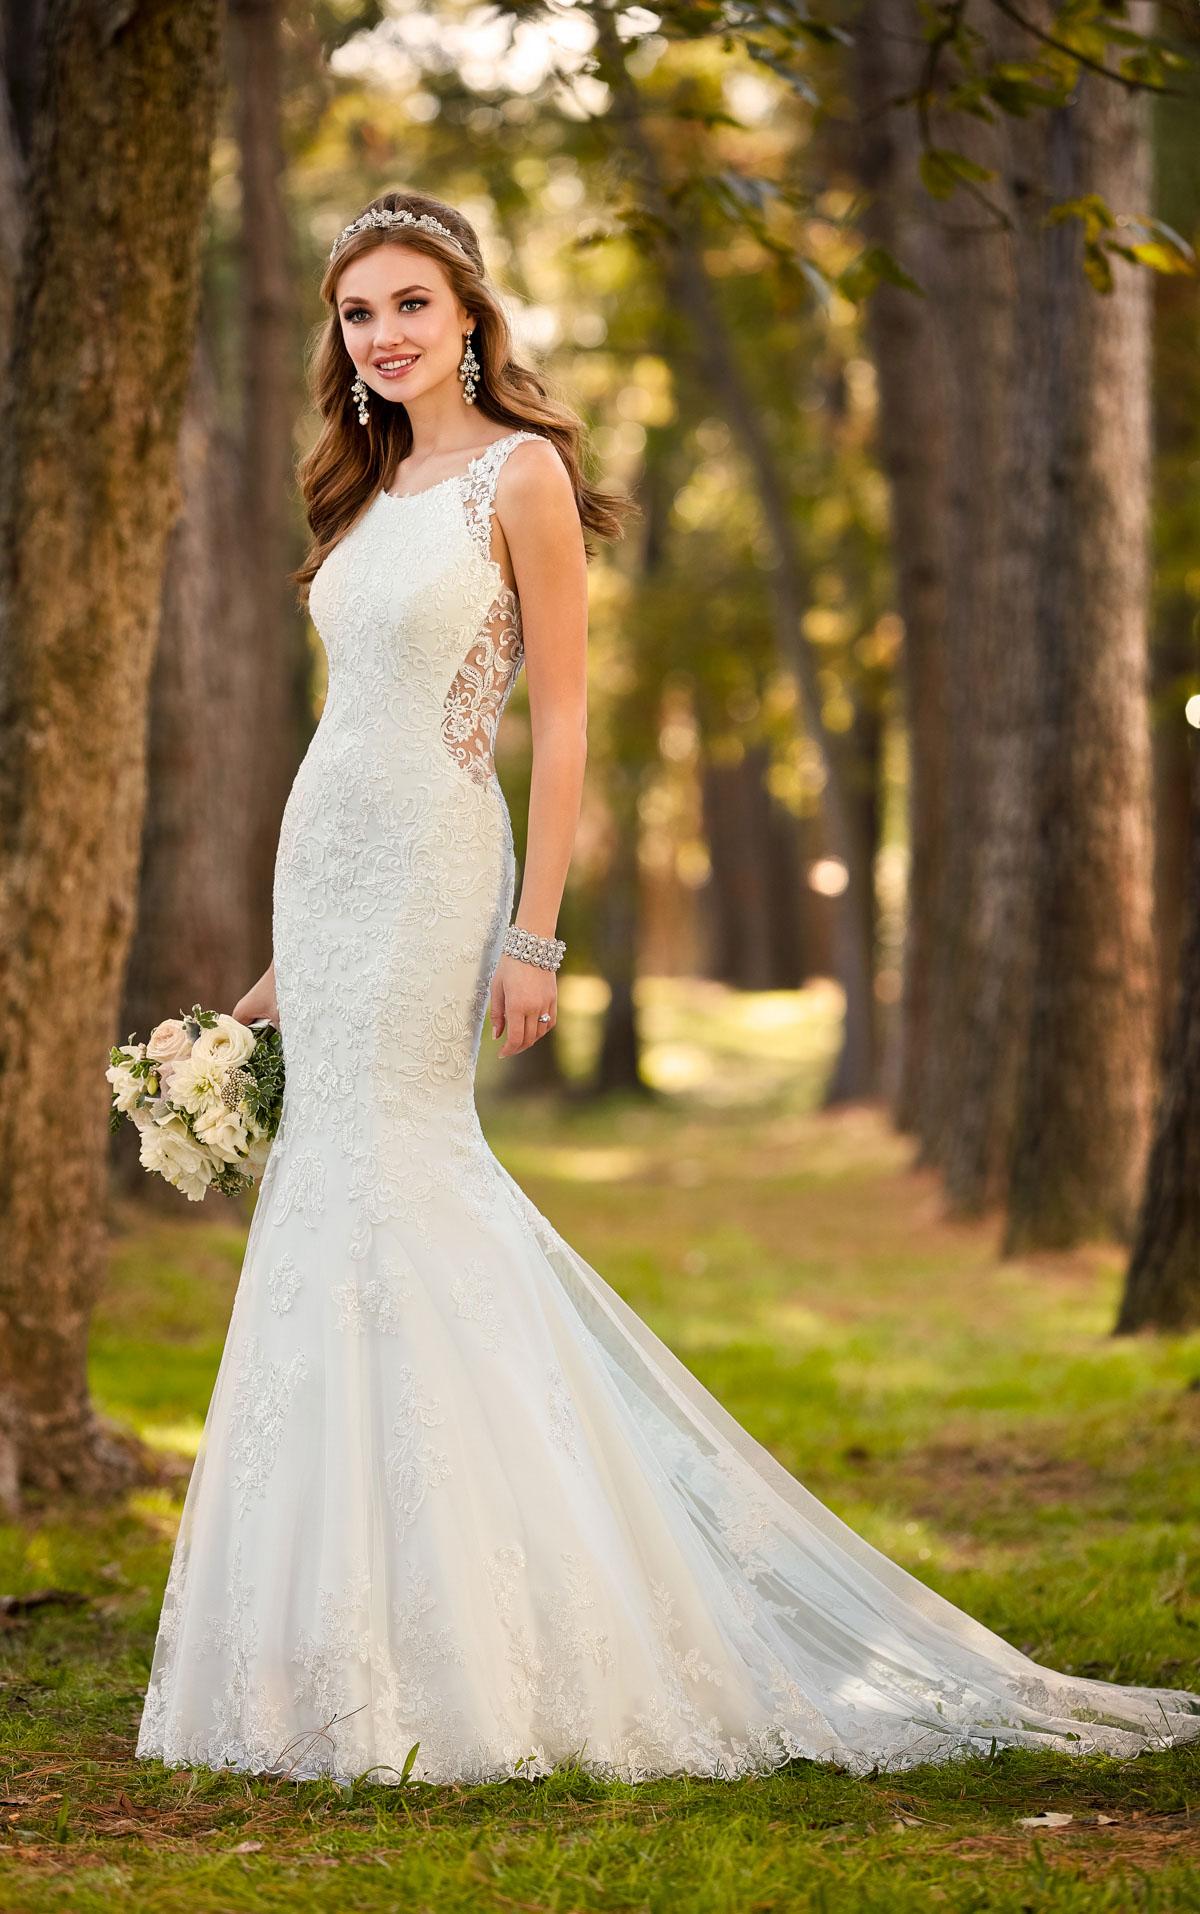 Wedding Dress Bridal Shop Gorey,Dresses To Wear To A Formal Wedding